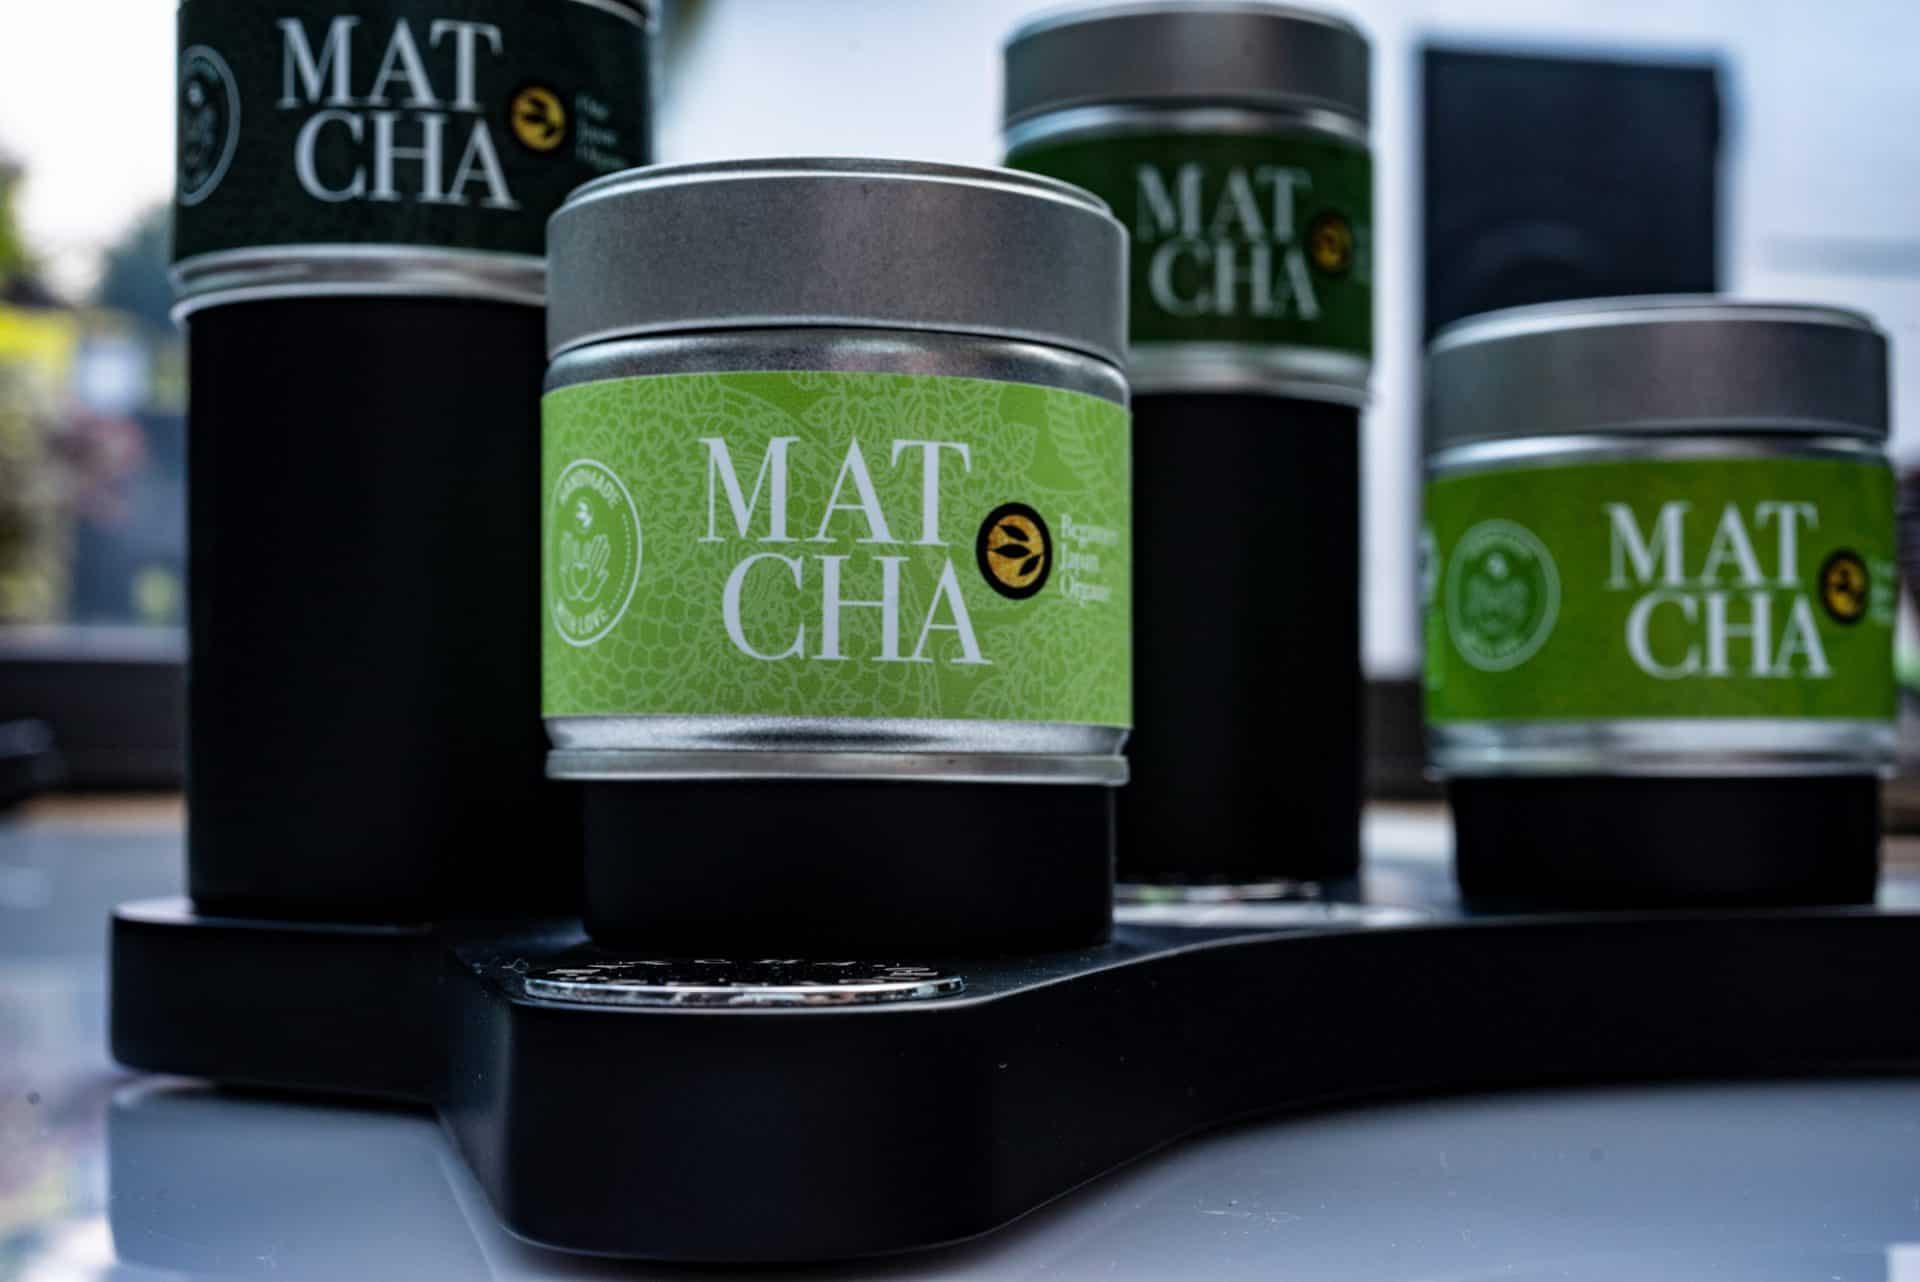 alveus Matcha Controller zur würdevollen Präsentation der 4 wertvollen Matchas von alveus mit Tester-Gläsern und silbernen Abdeck-Chips aus Metall und verschieden hohen Präsentations-Sockeln designed in Form eines Game-Controllers aus schwarzer MDF von Lange Architekten als Serien-Produkt für alveus